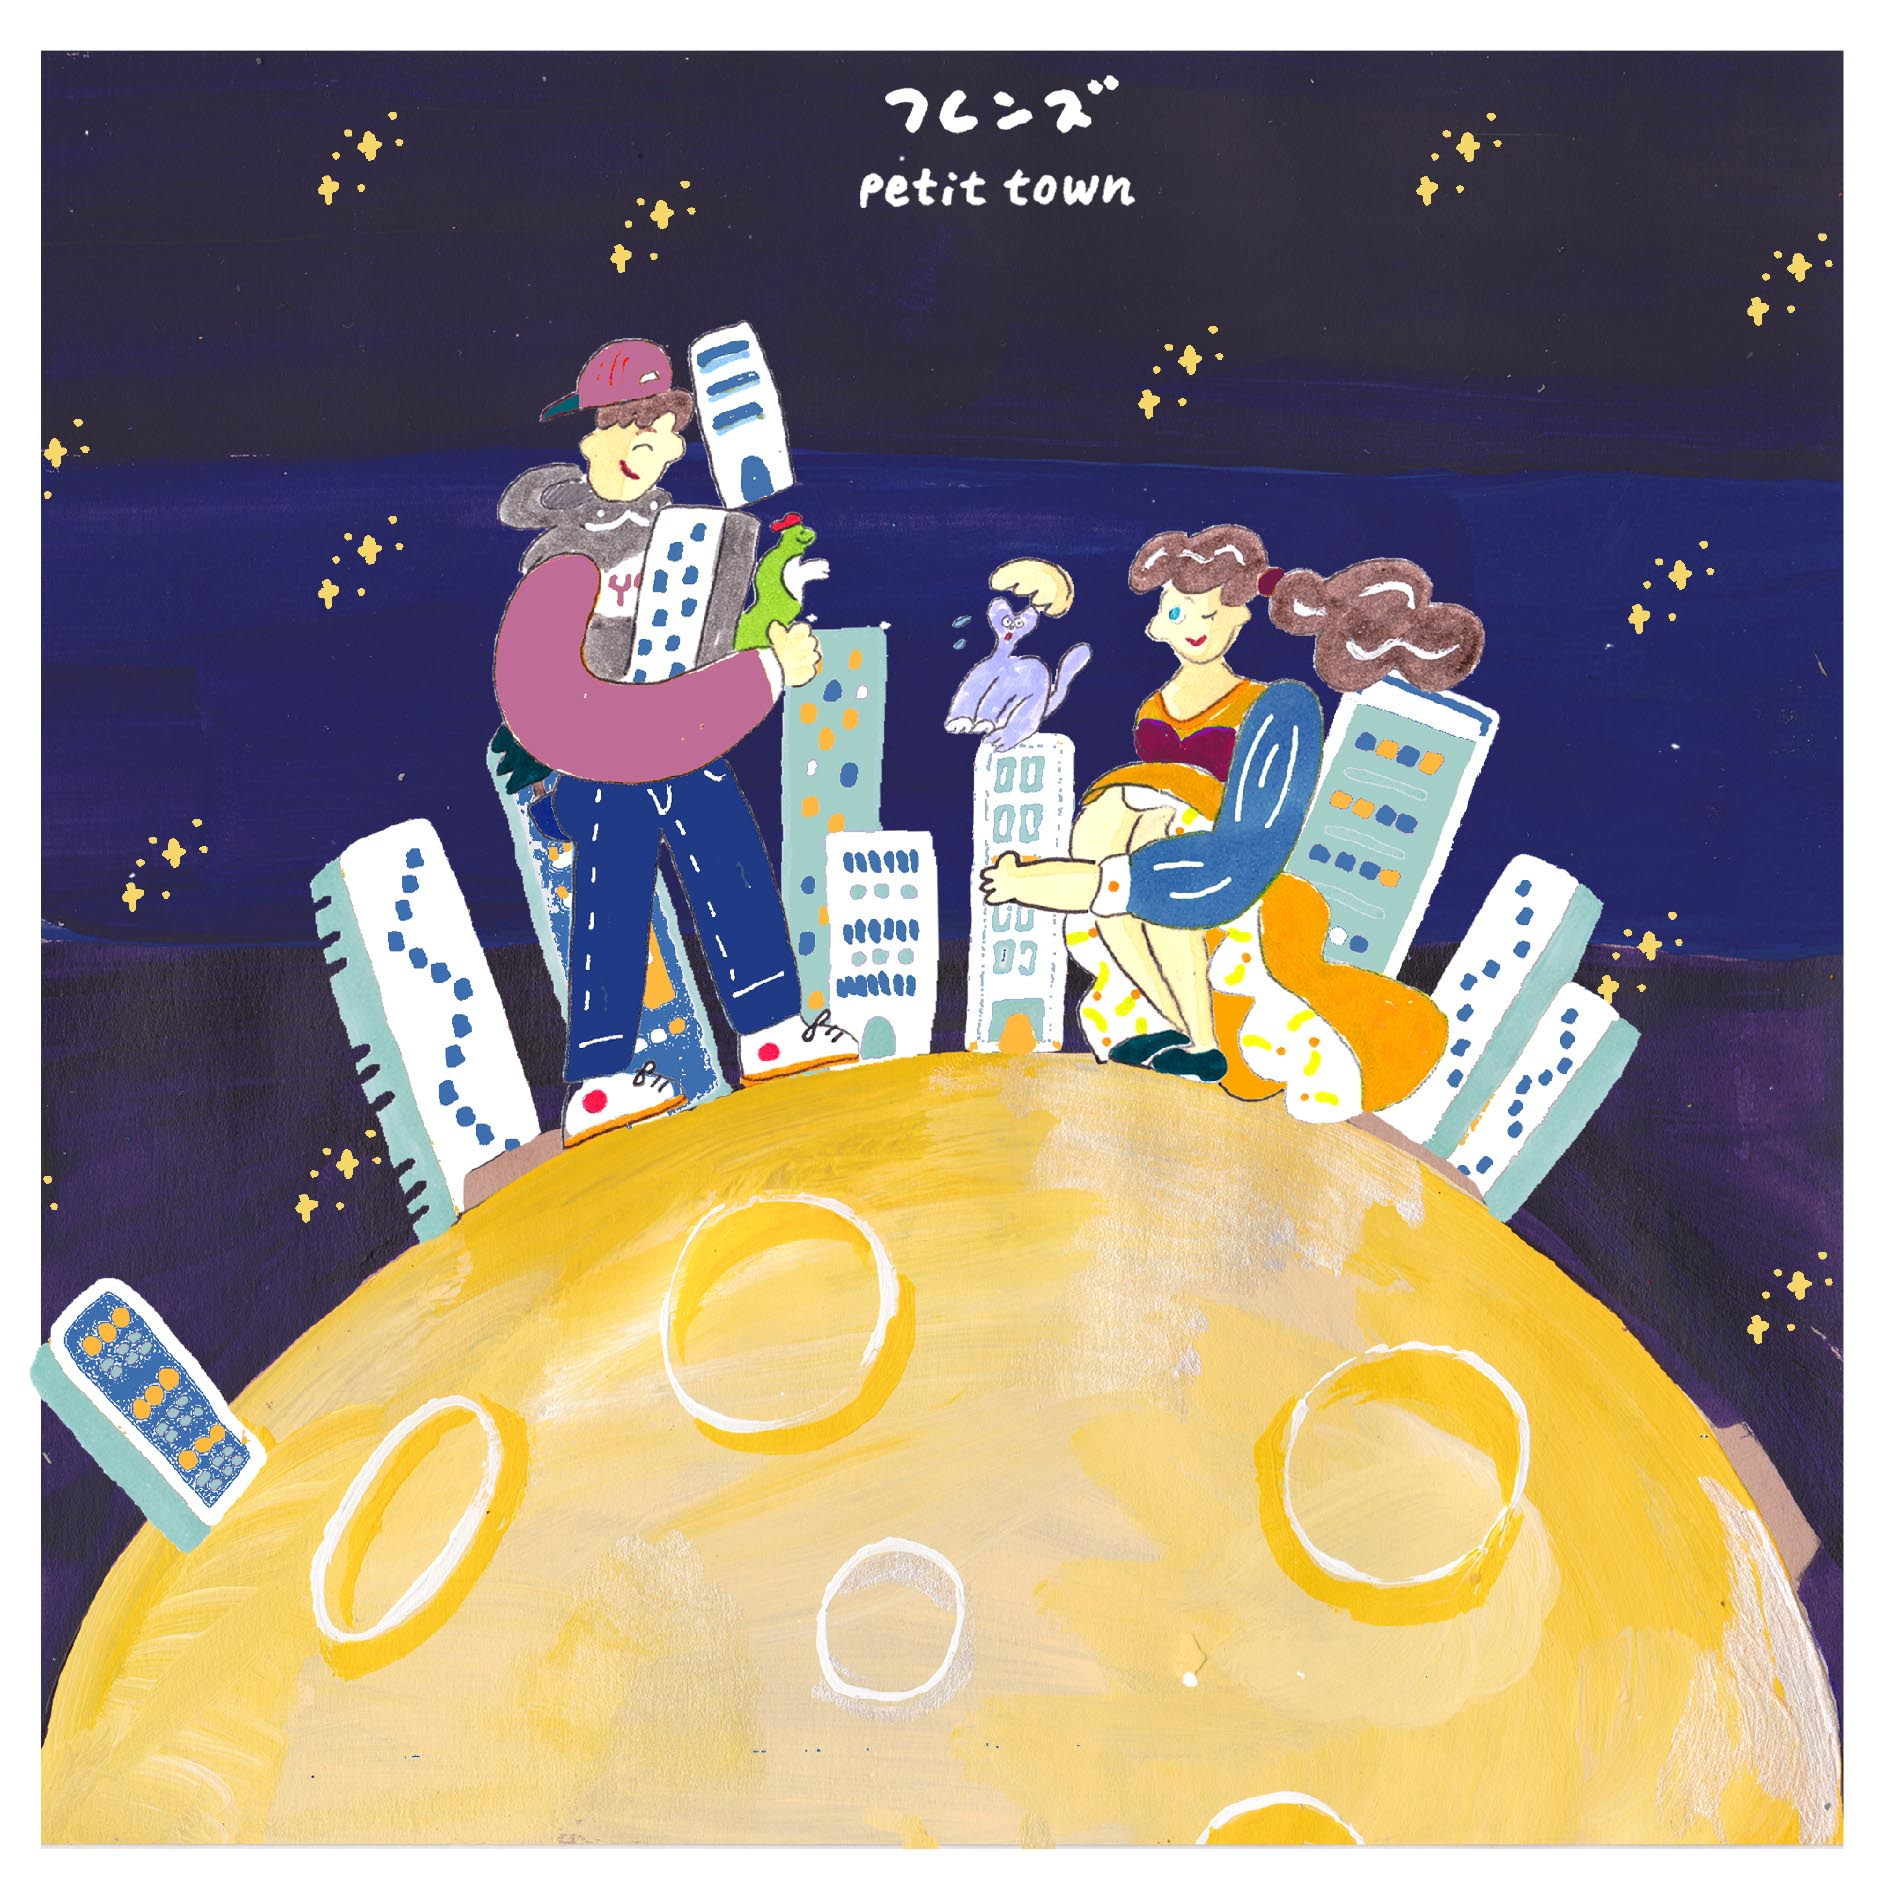 フレンズ 新曲「NIGHT TOWN」の先行配信スタート!MVも公開!監督はお馴染みの加藤マニが担当!!